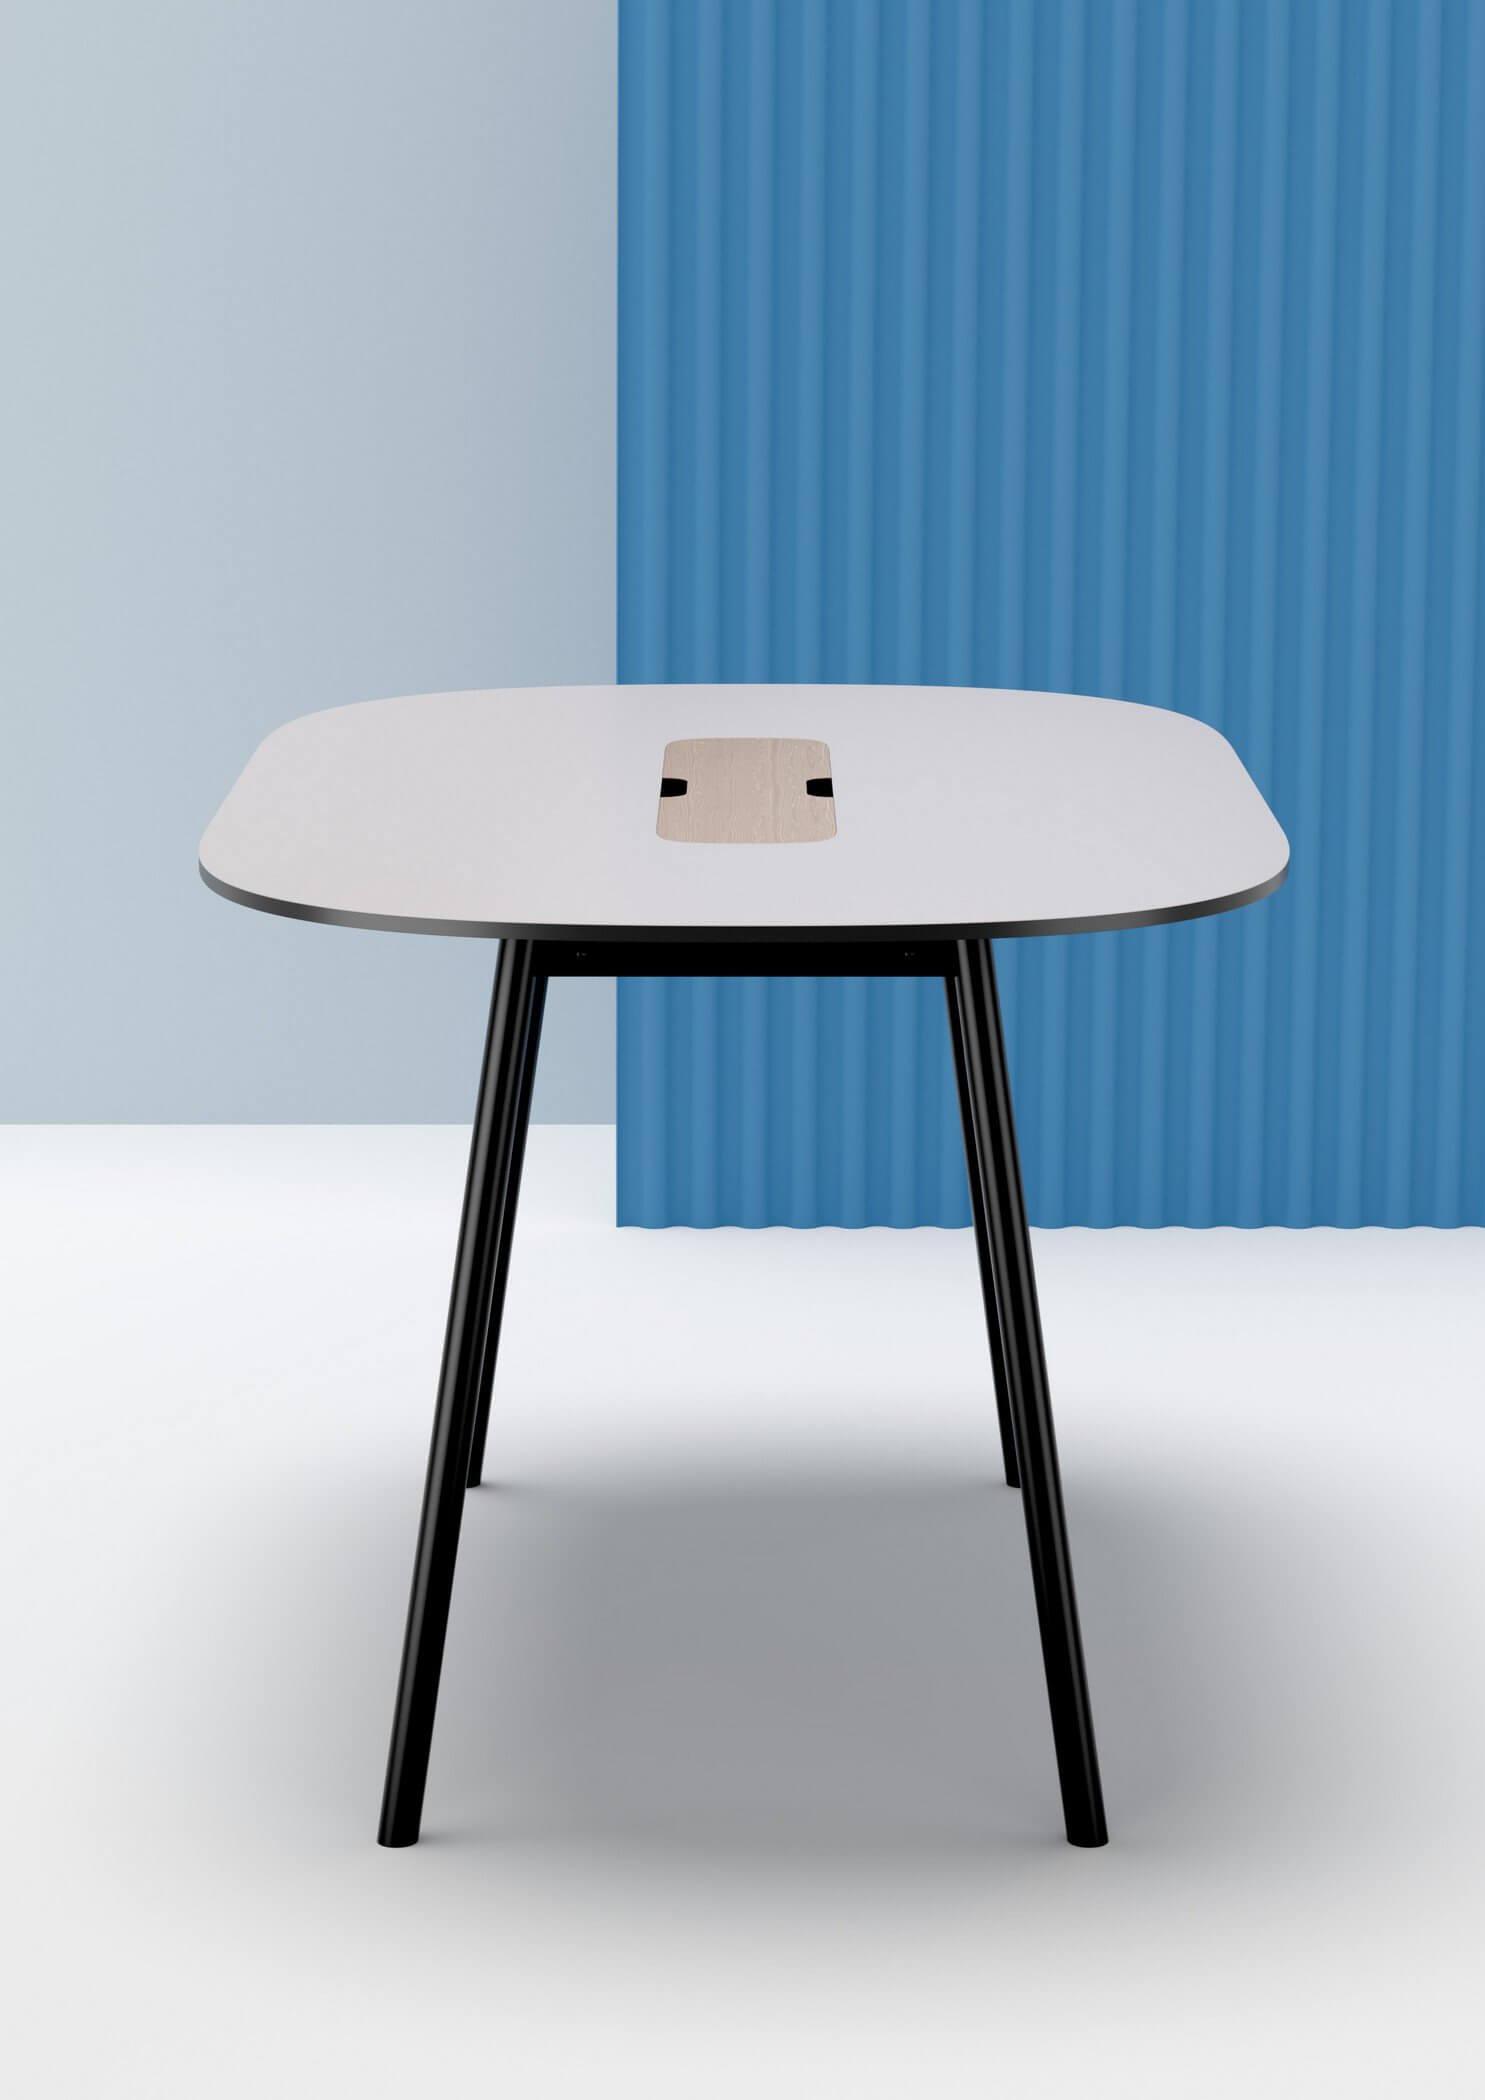 Table de réunion ovale design PULLY avec trappe top access pour le passage de câbles.